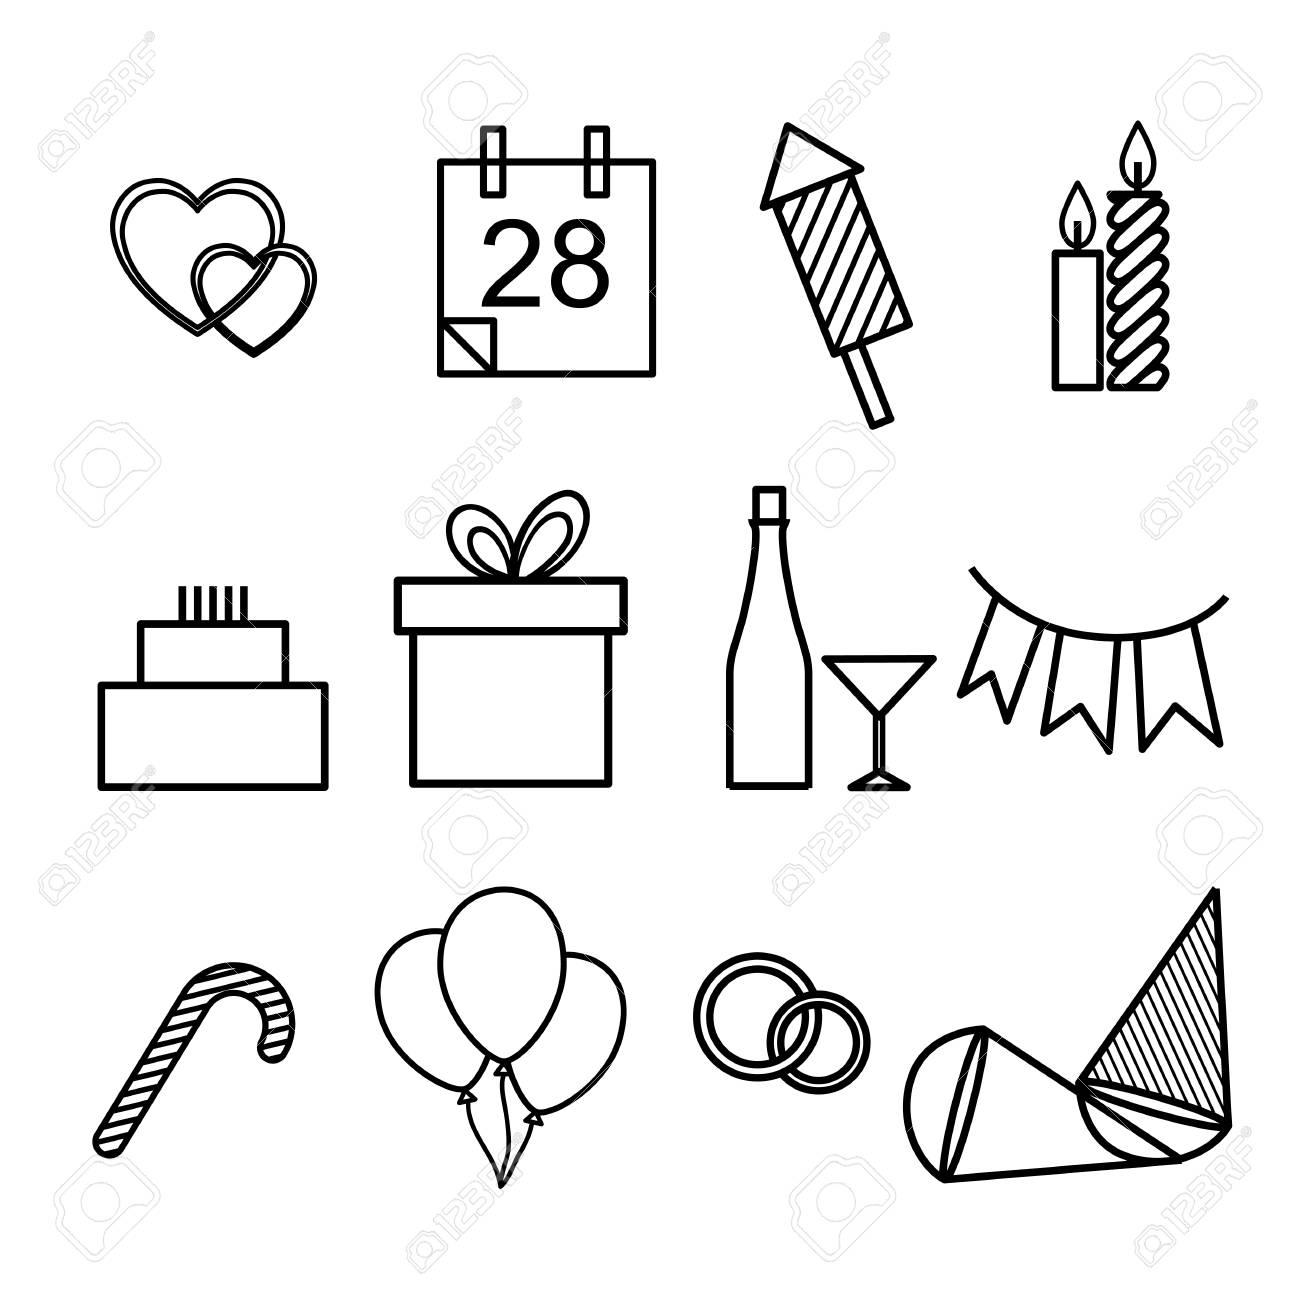 ベクトルの概要図は 祝日 正月 結婚式 誕生日やクリスマスのアイコンのセット 黒と白のシンボルの簡単なフォームのイラスト素材 ベクタ Image